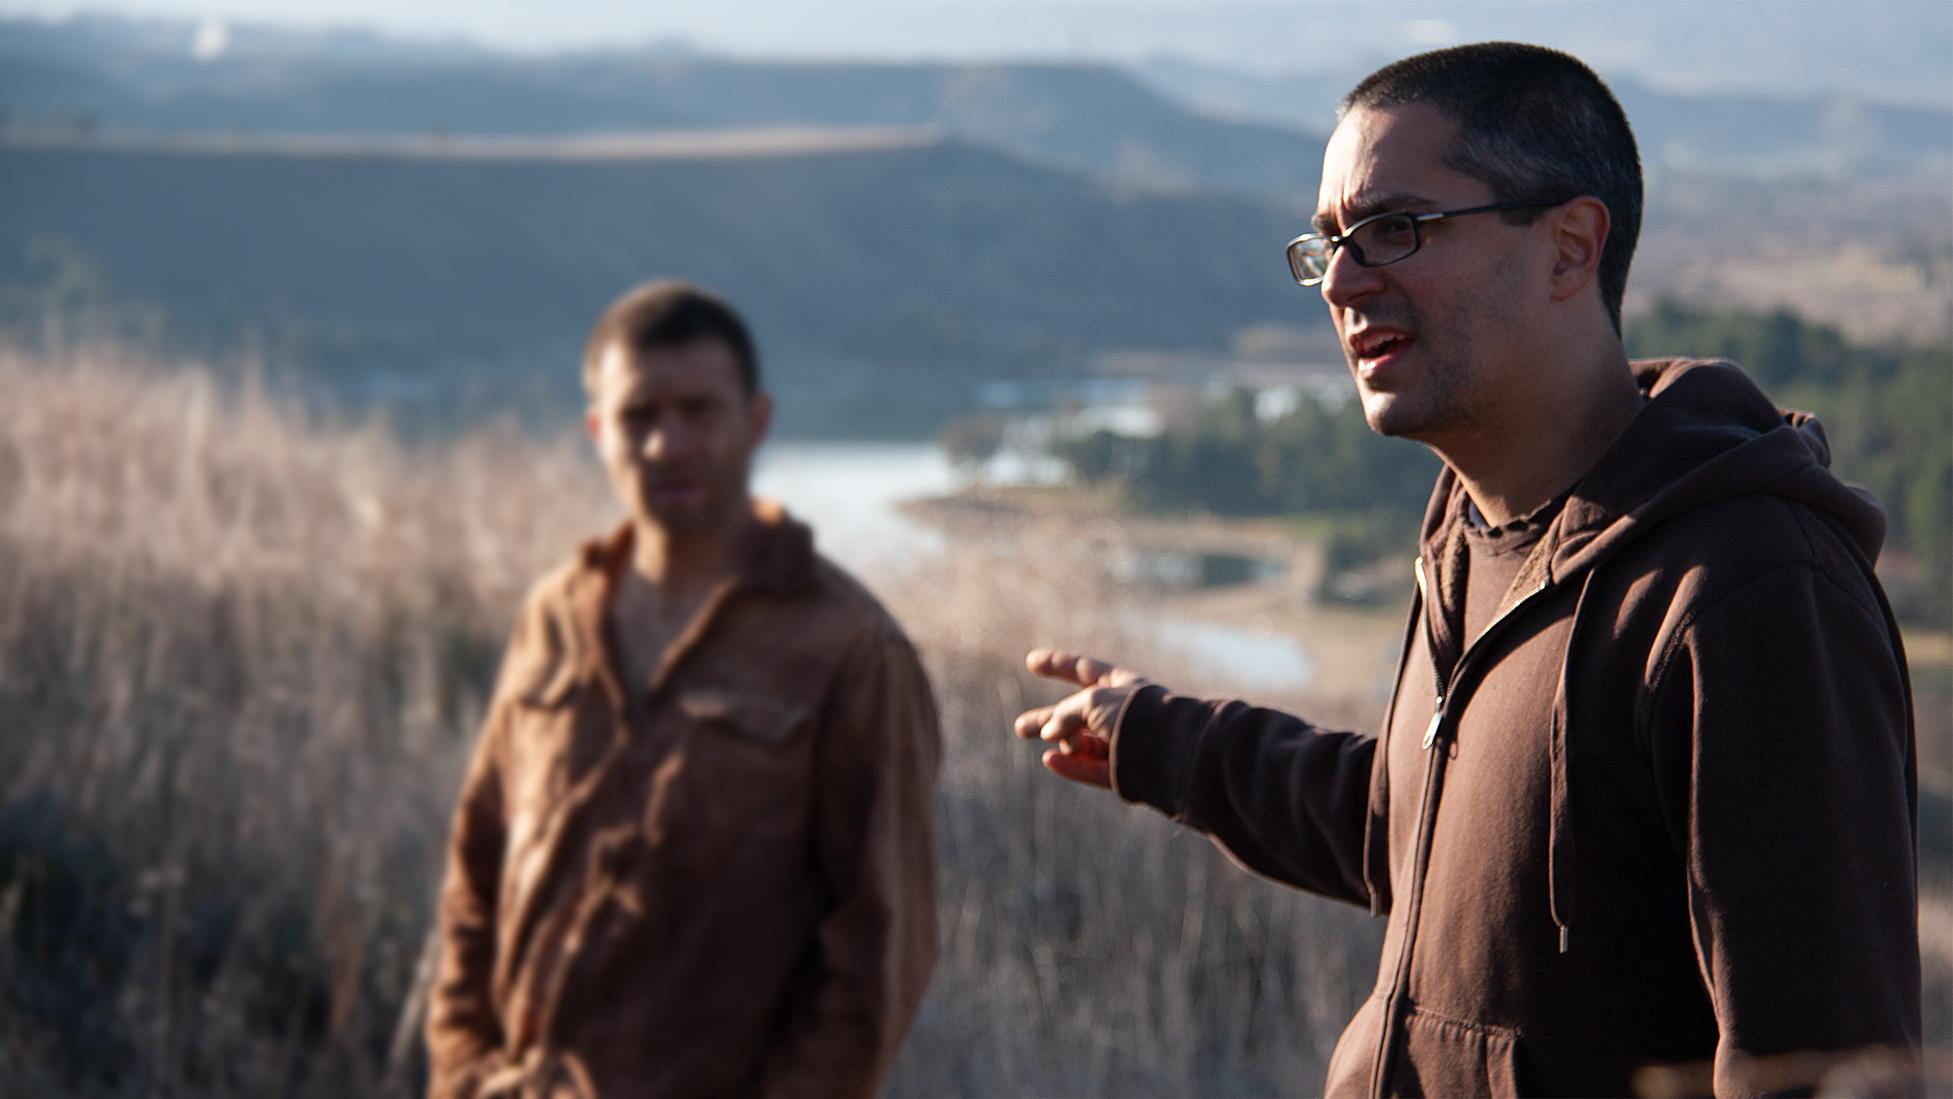 Aleem Hossain writer/director/PRODUCER - siteinstagram